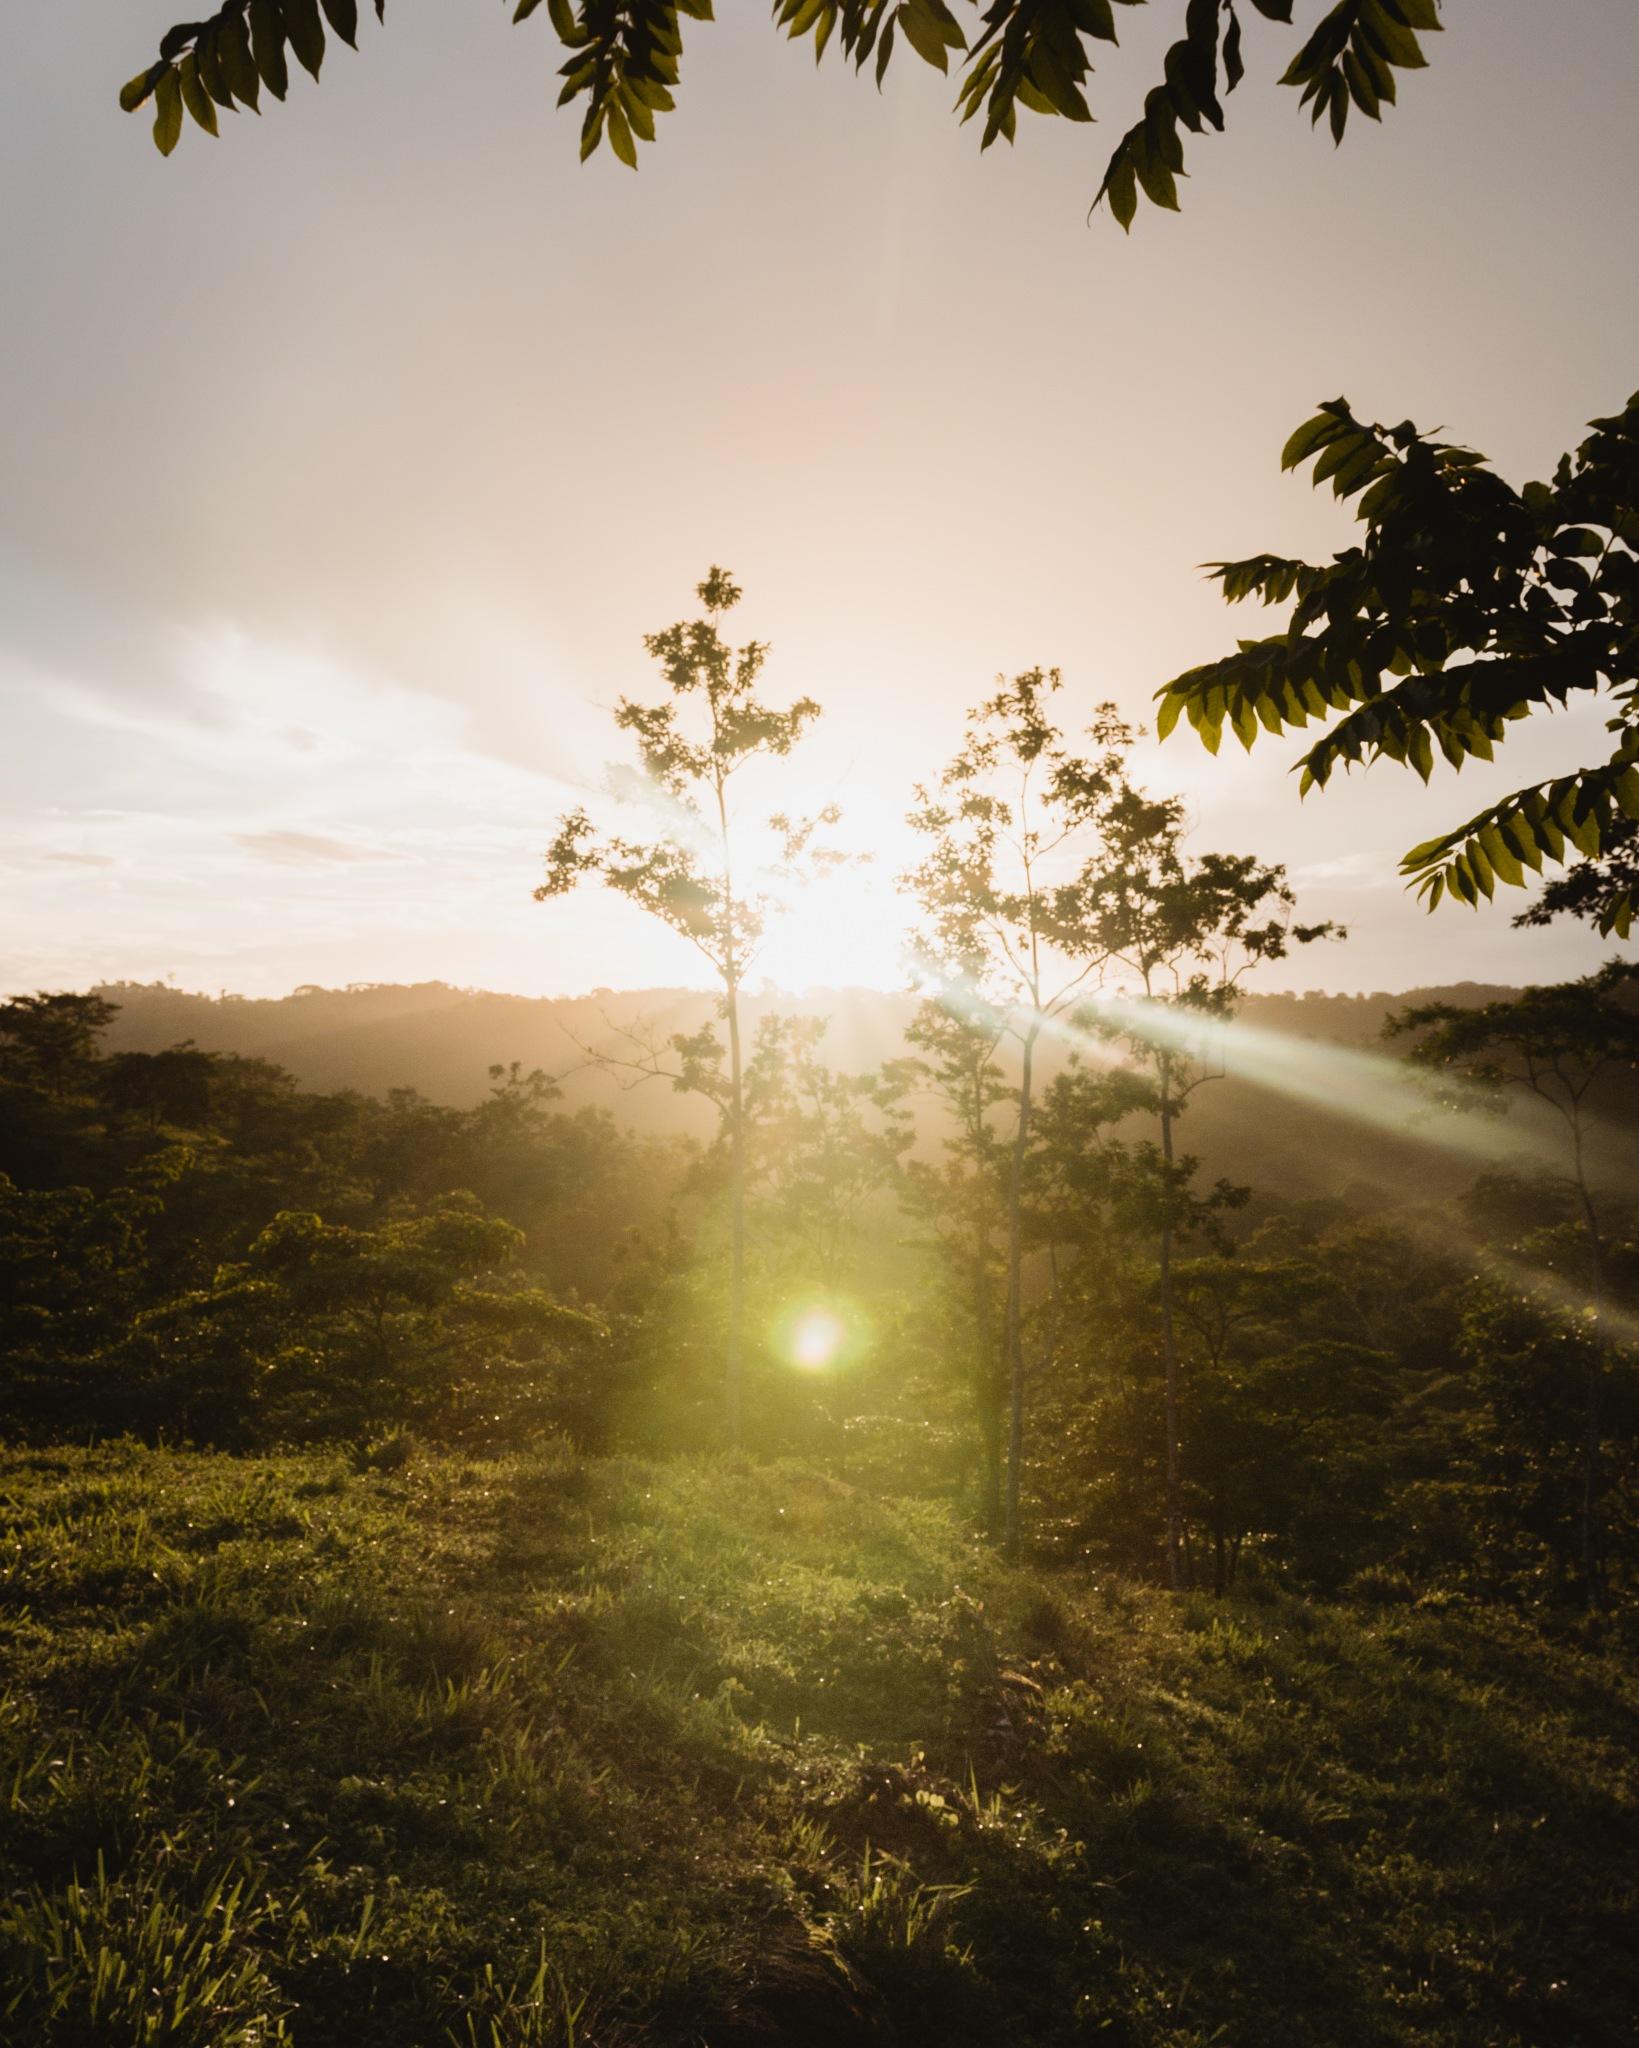 Sunset by jonathanchenzheng96